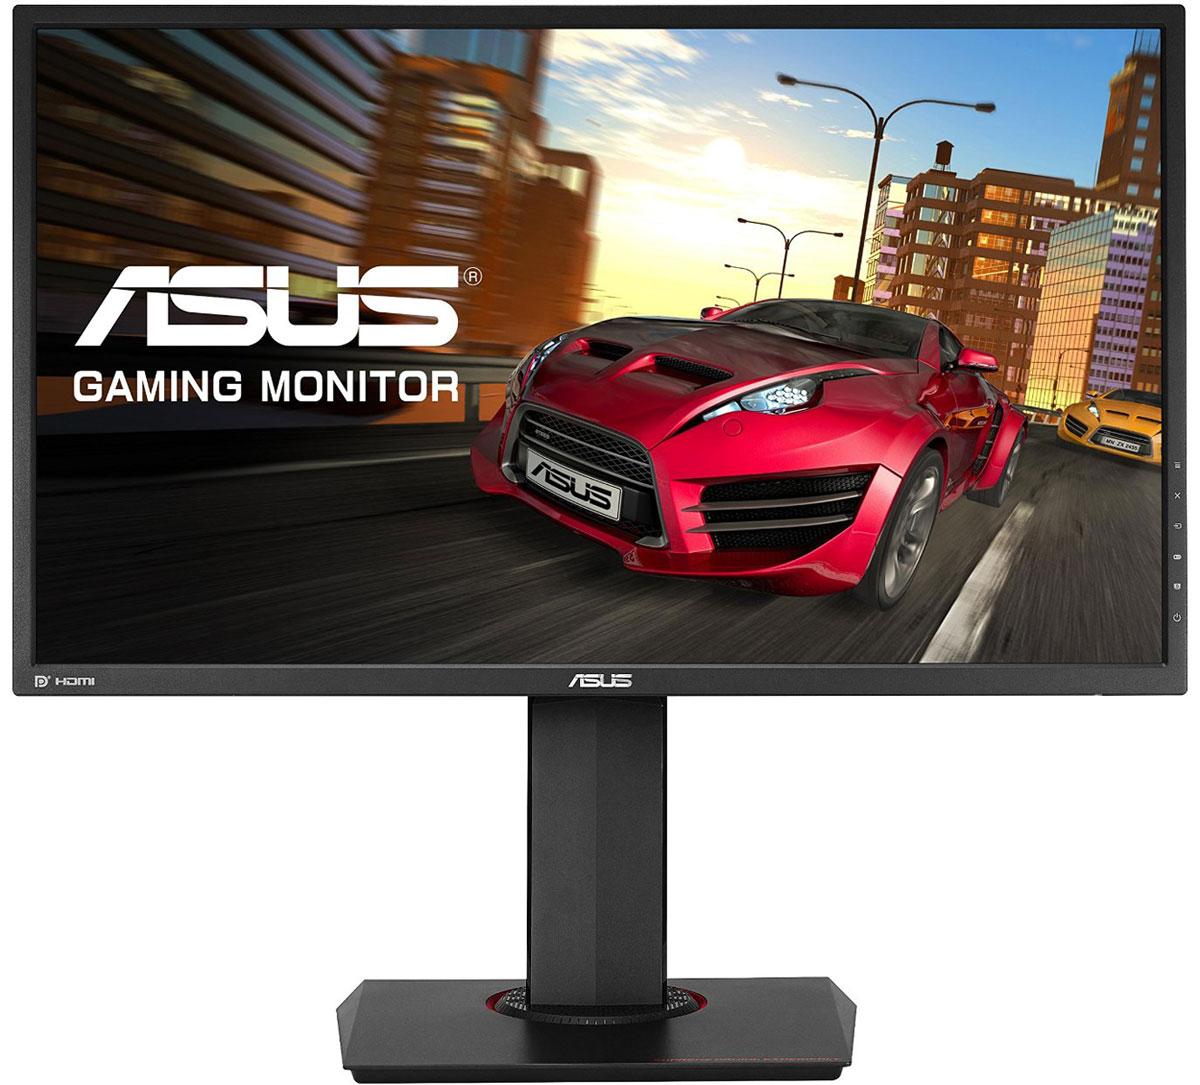 ASUS MG278Q, Black монитор90LM01S0-B01170Компания ASUS представляет новый 27-дюймовый широкоформатный монитор MG278Q с разрешением WQHD (2560 x 1440 пикселей) и частотой 144 Гц, созданный специально для геймеров. Благодаря малому времени отклика экрана (1 мс) и поддержке технологии синхронизации кадров AMD FreeSync пользователь может насладиться по-настоящему плавным игровым процессом. Превосходная эргономика корпуса MG278Q сочетается с эксклюзивными технологиями, способствующими комфорту во время долгих игровых сессий. Поскольку данная модель ориентирована, в первую очередь, на любителей компьютерных игр, в ней реализованы две специальные функции — GamePlus и GameVisual — дающие конкурентные преимущества в играх.Высокая детализация и точная цветопередача. Разрешение WQHD (2560 x 1440 пикселей) с пиксельной плотностью 109 пикселей на дюйм позволяет монитору ASUS MG278Q выводить изображение с высоким уровнем детализации. Кроме того, он может отобразить на 77% больше информации, чем стандартный монитор с разрешением Full HD (1920 x 1080 пикселей). Сверхбыстрое время отклика. Частота обновления экрана ASUS MG278Q достигает 144 Гц, а время отклика при переключении между полутонами — 1 мс, поэтому в динамичных играх не будут заметны визуальные артефакты в виде темных шлейфов за движущимися объектами. Технология AMD FreeSync, реализованная в MG278Q, устраняет неприятный эффект разрыва кадра и уменьшает задержку отображения, что обеспечивает как более высокое качество картинки, так и улучшенную реакцию игры на действия пользователя. Комфорт во время длительных игровых сессий. Монитор ASUS MG278Q обеспечивает пользователям высокий уровень комфорта при длительных игровых сессиях. Эксклюзивная технология ASUS Ultra-Low Blue Light, уменьшающая интенсивность синего света на 70%, сокращает вероятность появления неприятных симптомов, связанных с усталостью глаз от работы за компьютером. В экранном меню монитора можно выбрать один из четырех уровней фильтрации синего света, либо п